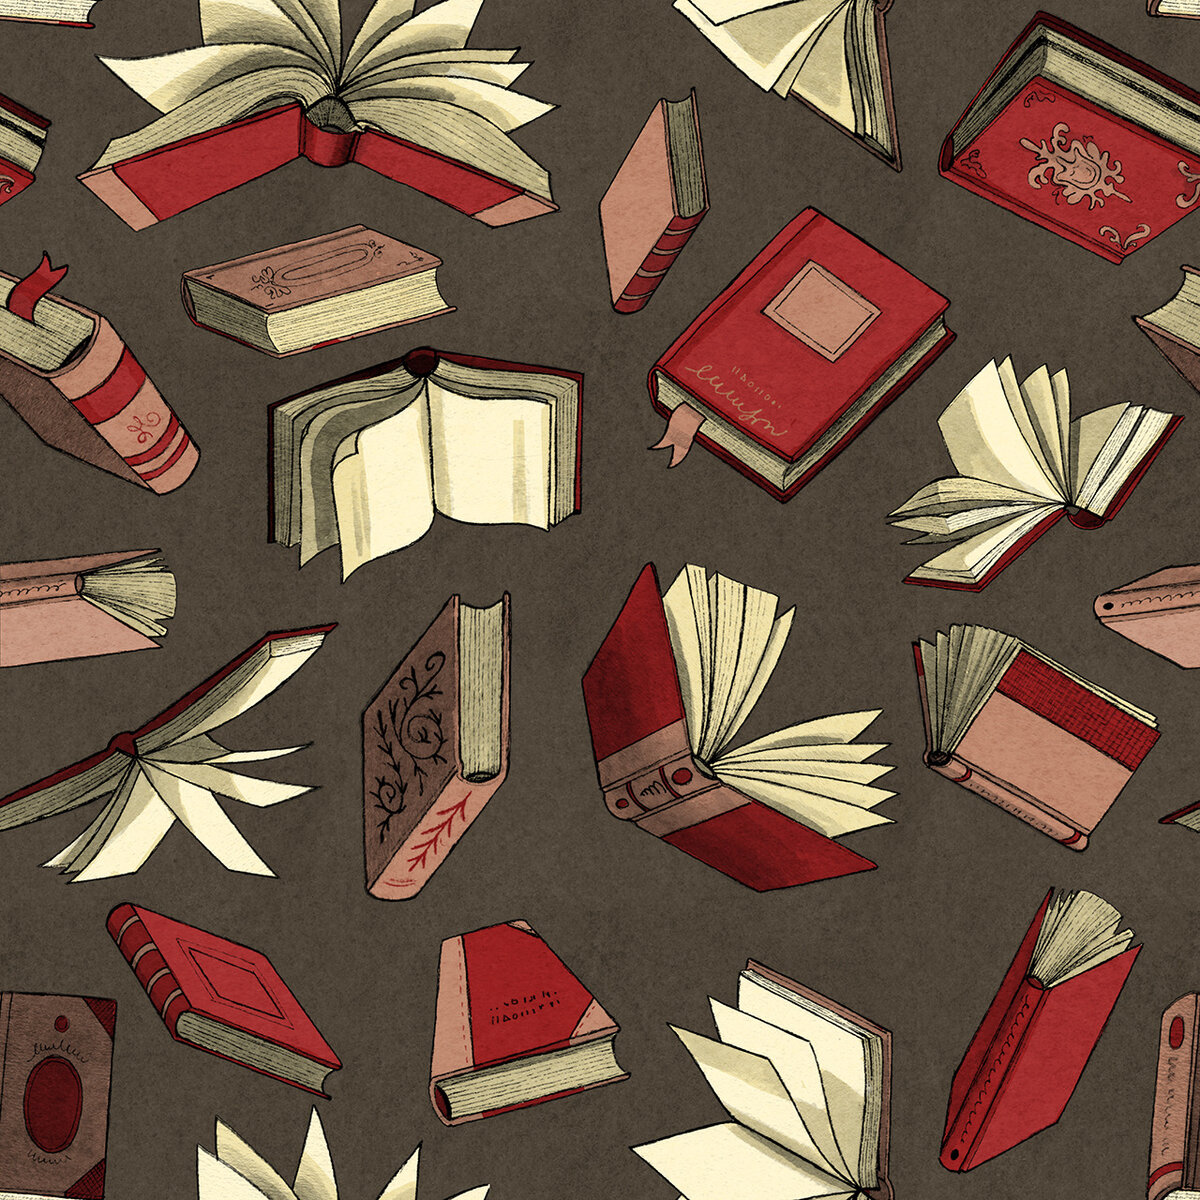 картинки падающей книги качестве материалов для